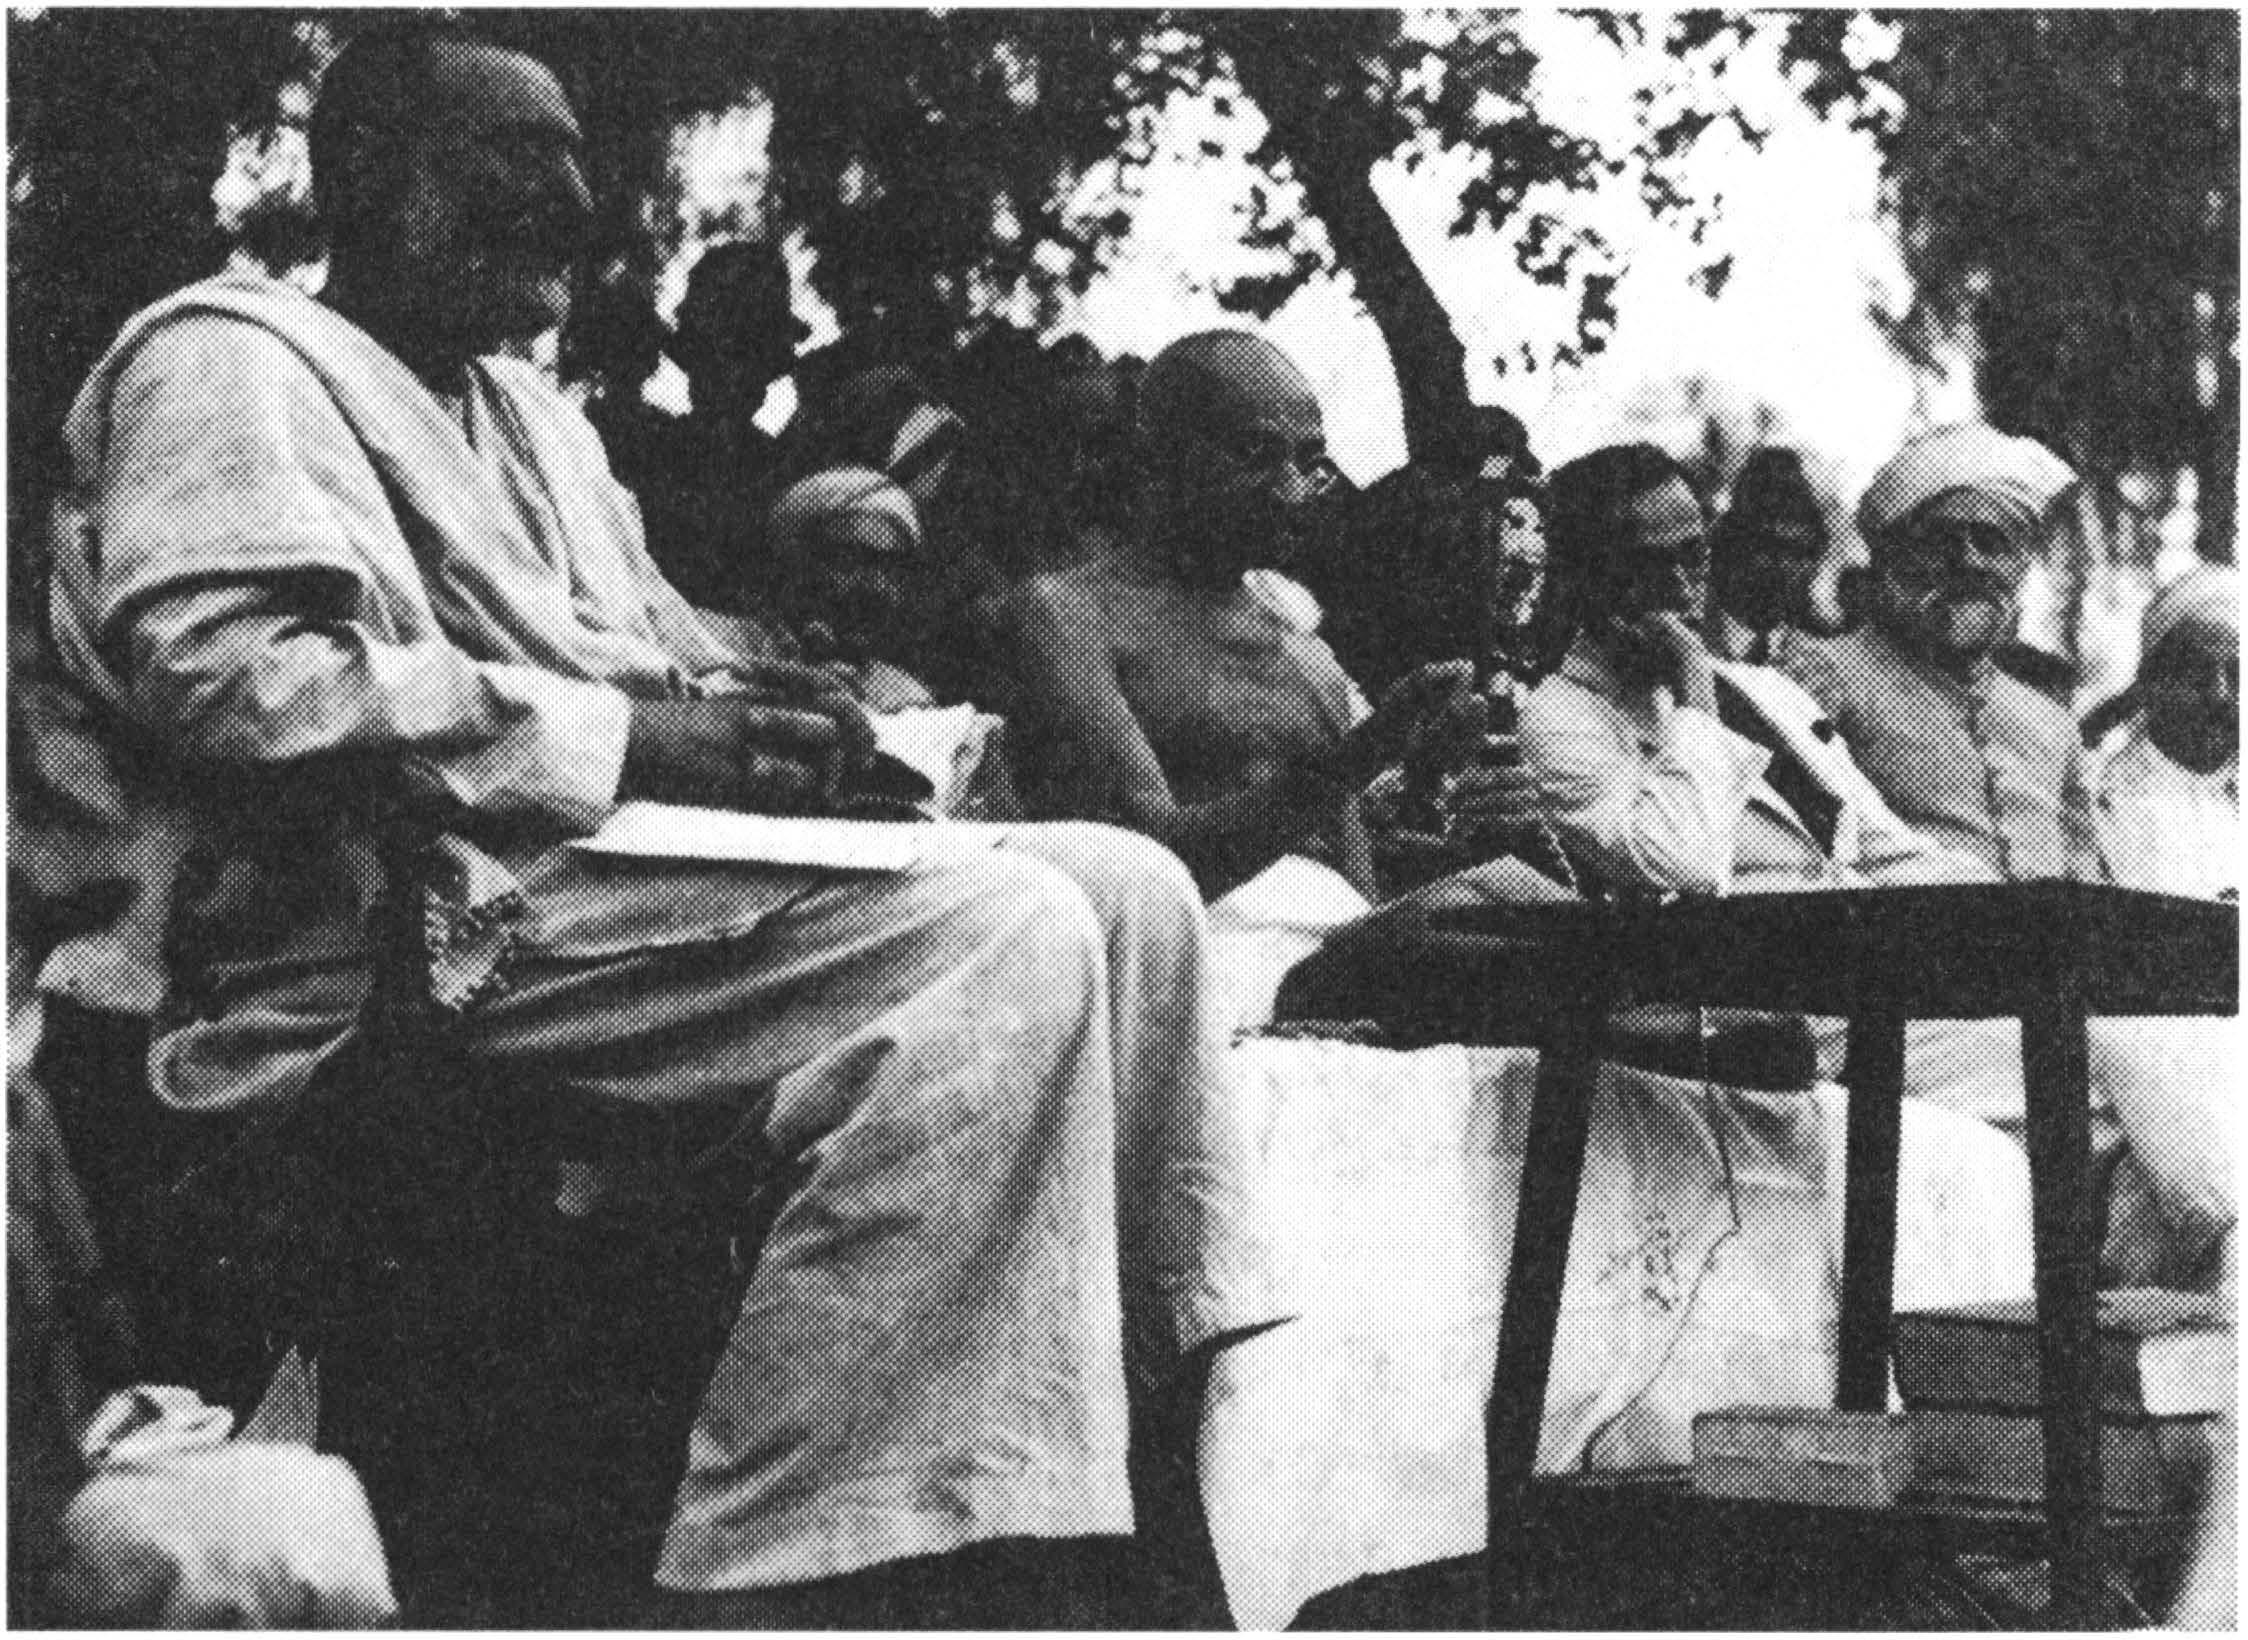 Национально освободительное движение в Индии в начале xx века  Махатма Ганди в Пешаваре 1933 г